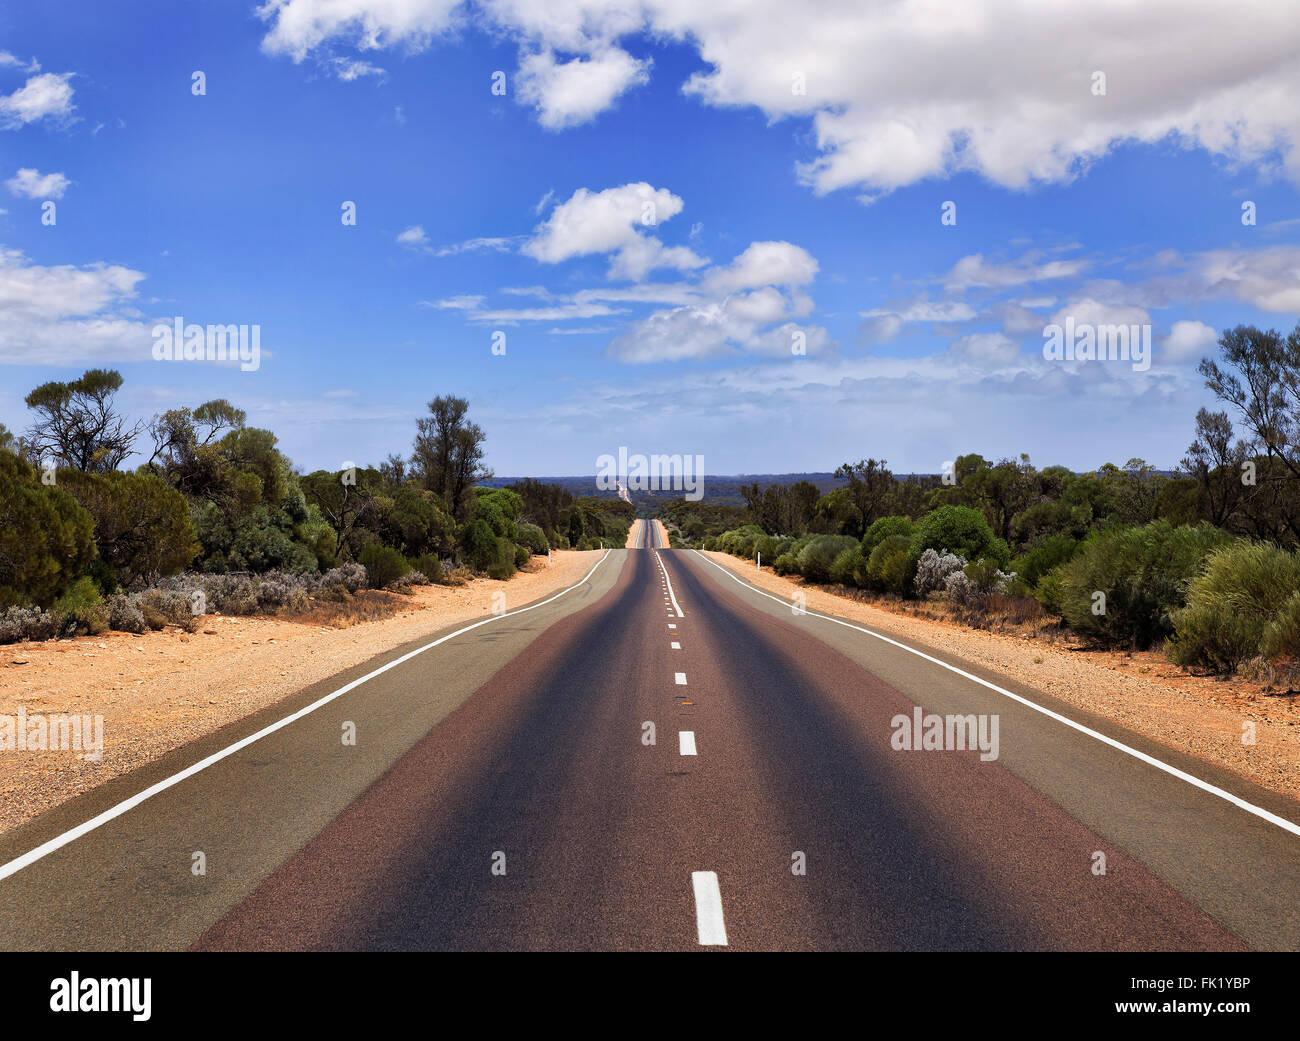 Tarmac vide large autoroute Eyre scellés en Australie du Sud sur une journée ensoleillée. Pas de Photo Stock